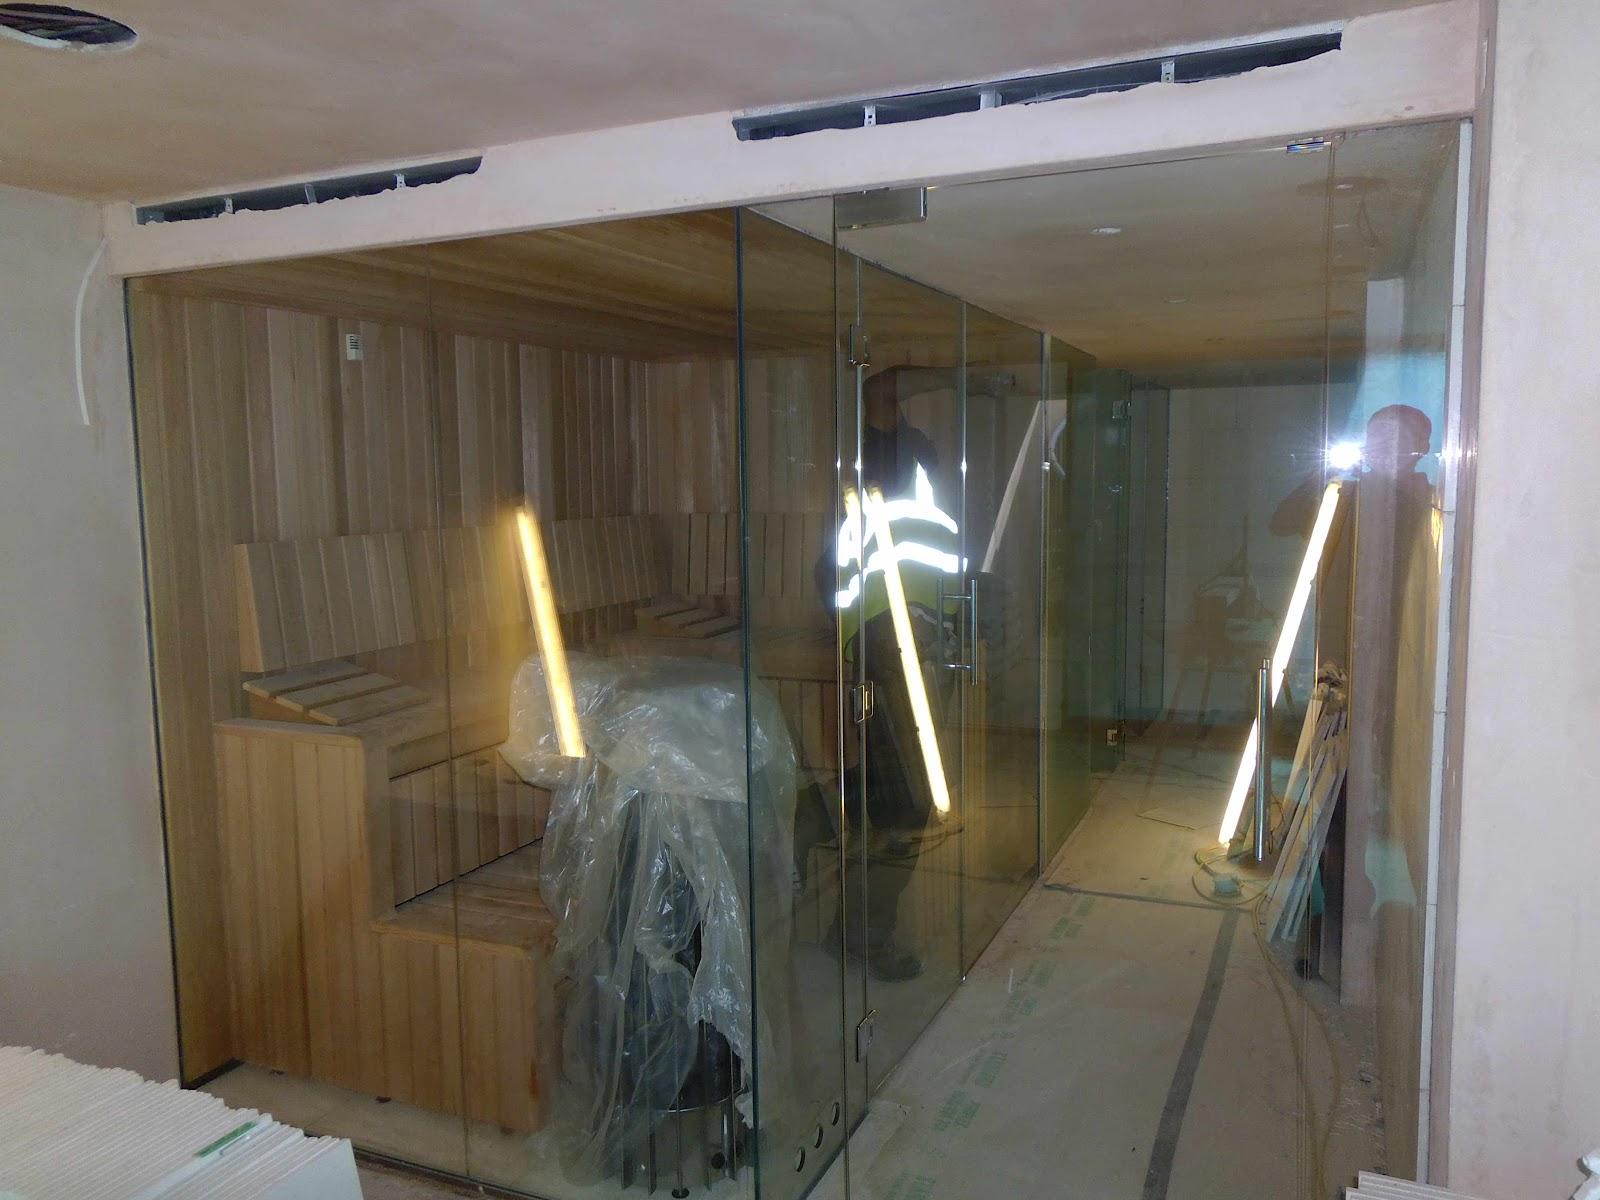 luxury saunas steam rooms by leisurequip contemporary bespoke sauna installation. Black Bedroom Furniture Sets. Home Design Ideas